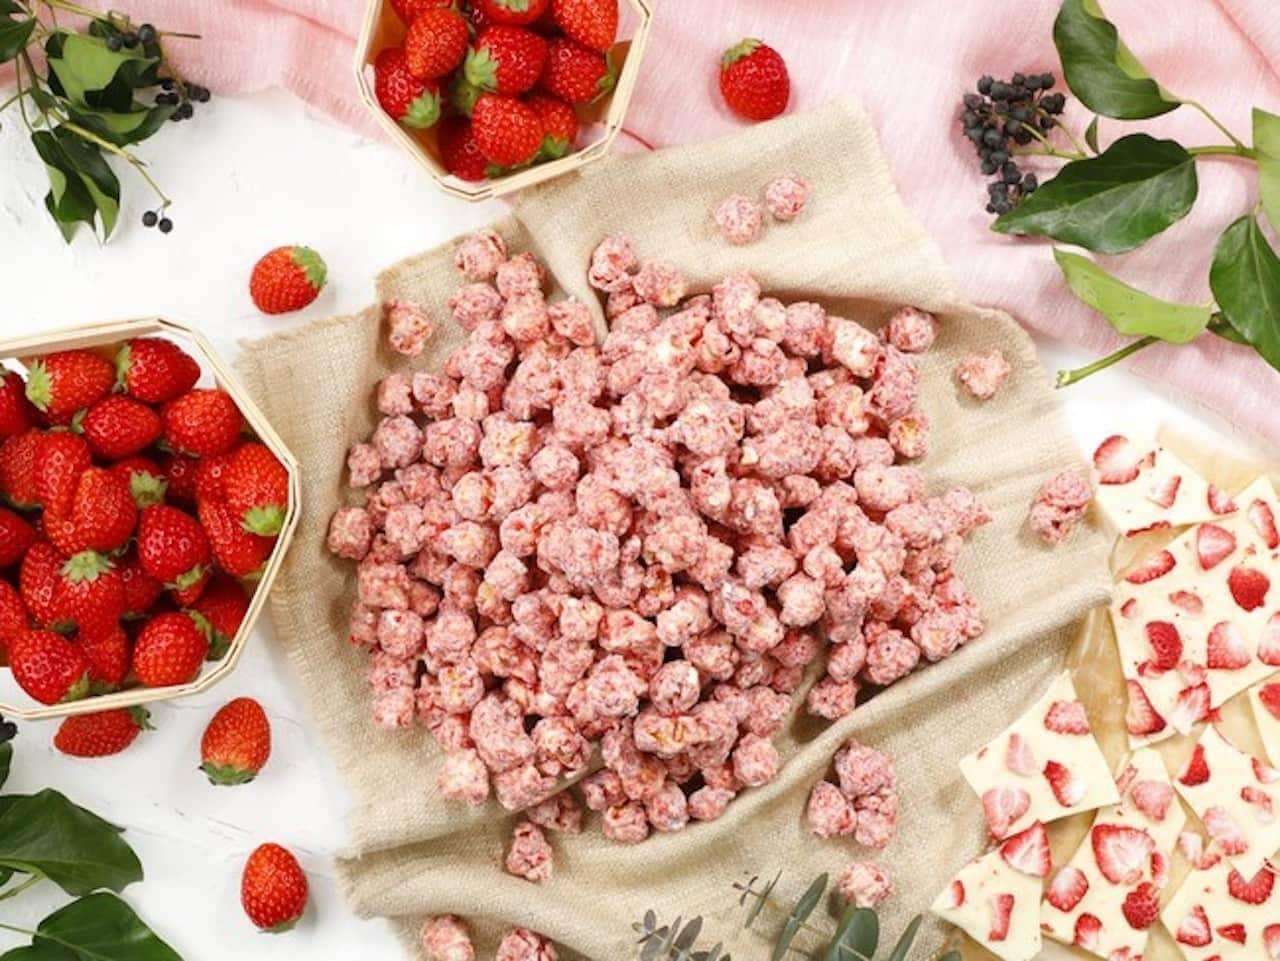 ギャレット ポップコーン ショップス「ベリーベリーホワイトチョコレート」